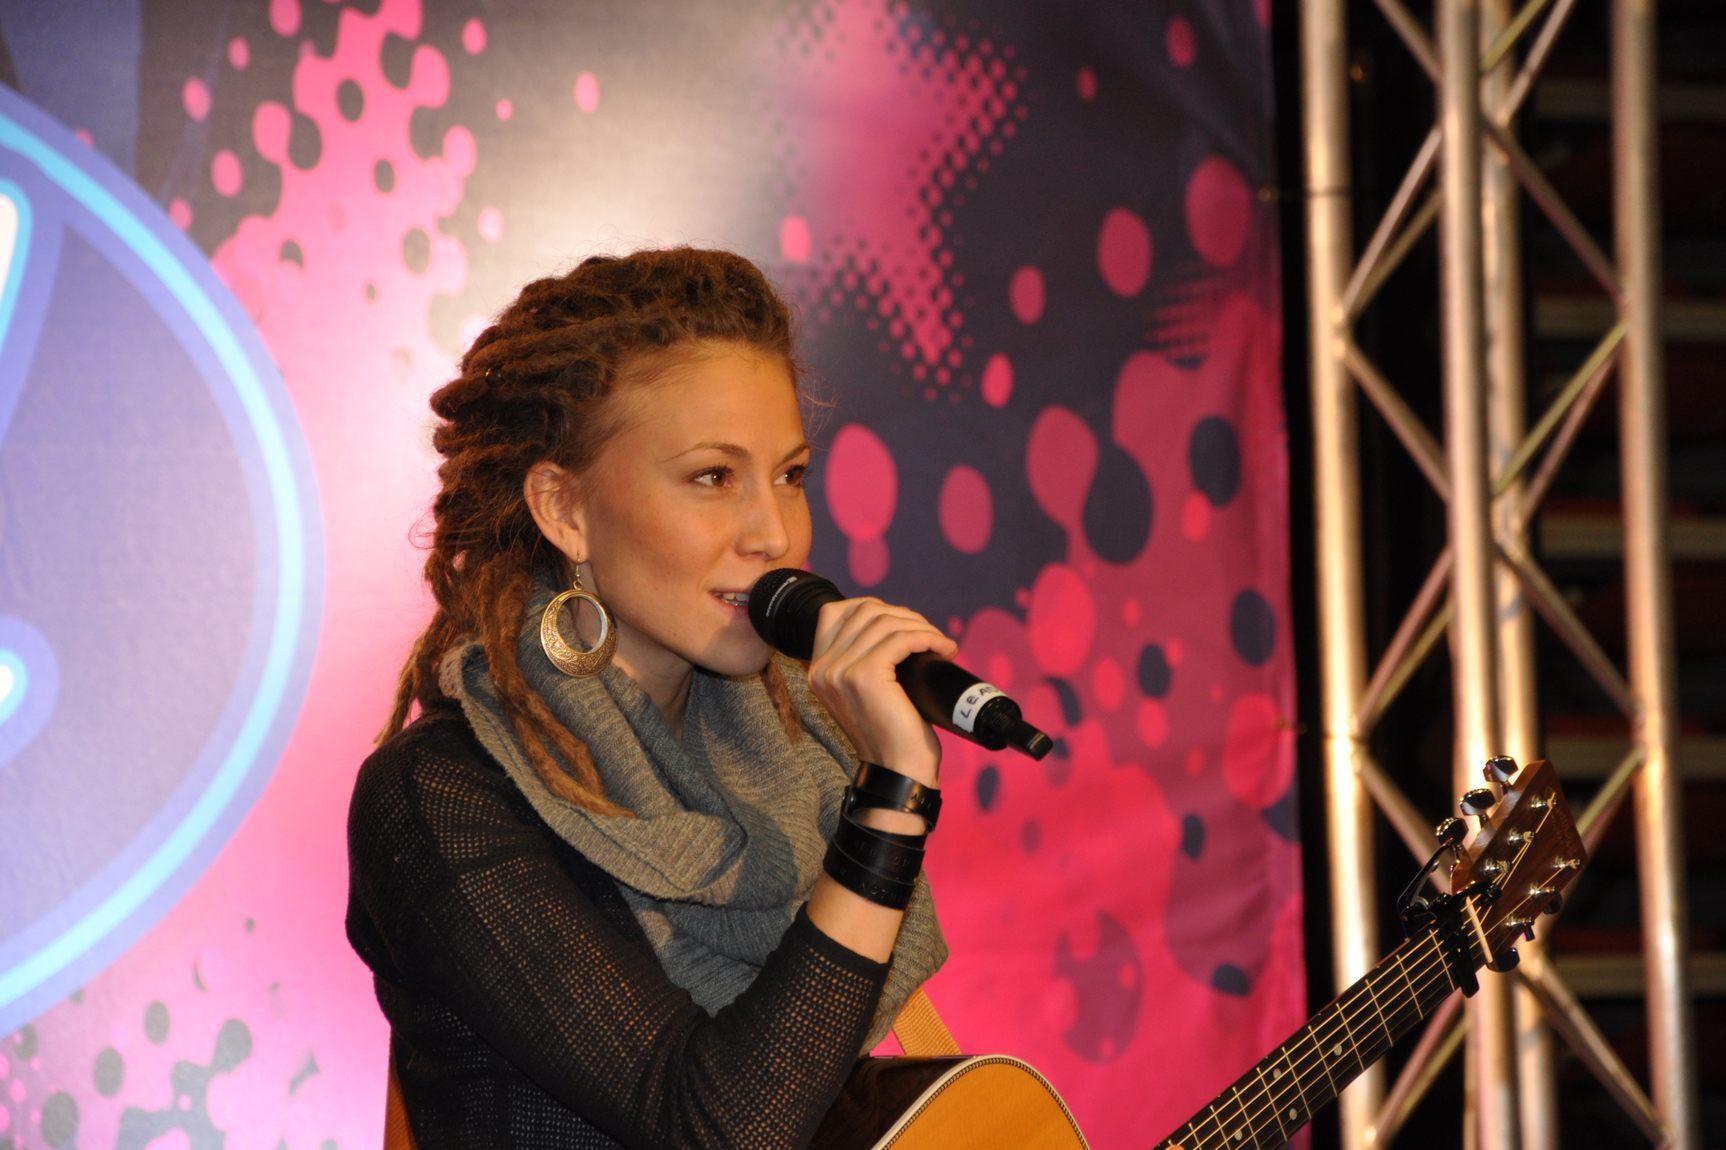 Mariette_2009-11-28_Halmstad_001